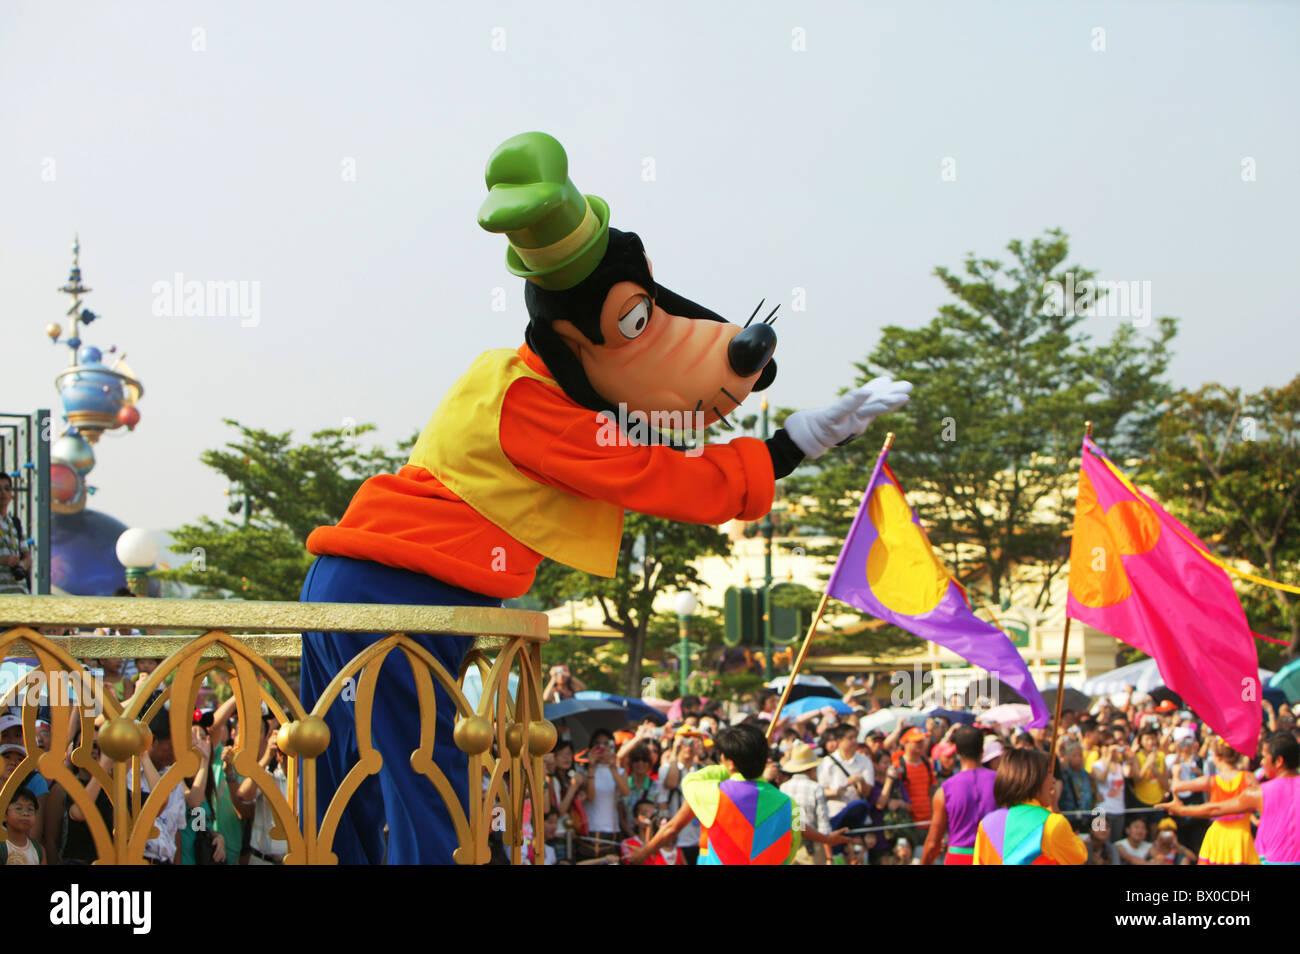 Goofy performers welcoming visitors, Fantasyland, Hong Kong Disneyland, Lantau Island, Hong Kong, China - Stock Image